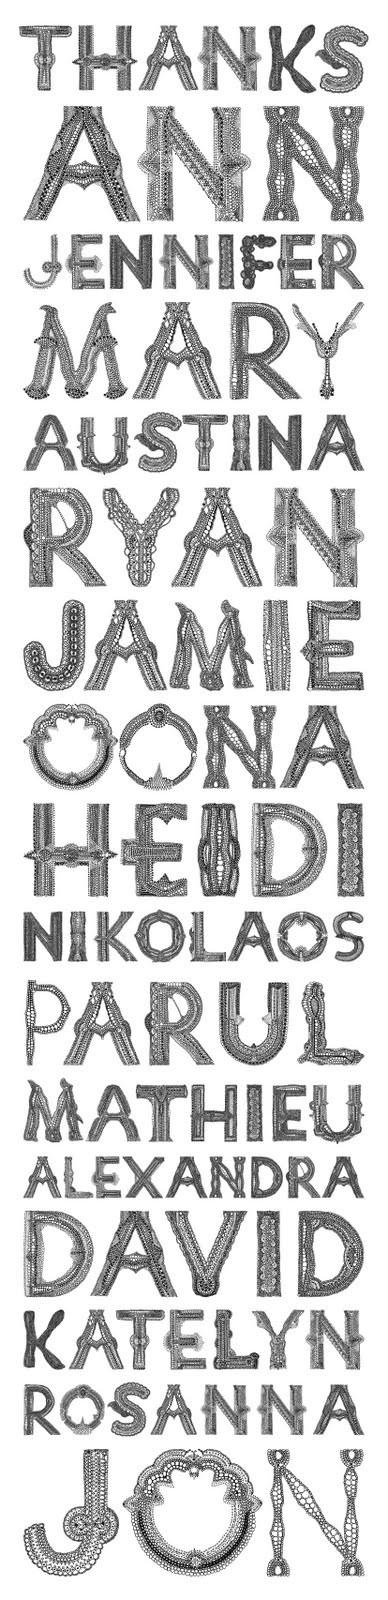 Hansje van Halem, Doily Type, 2009 (sample), Fineliner drawing